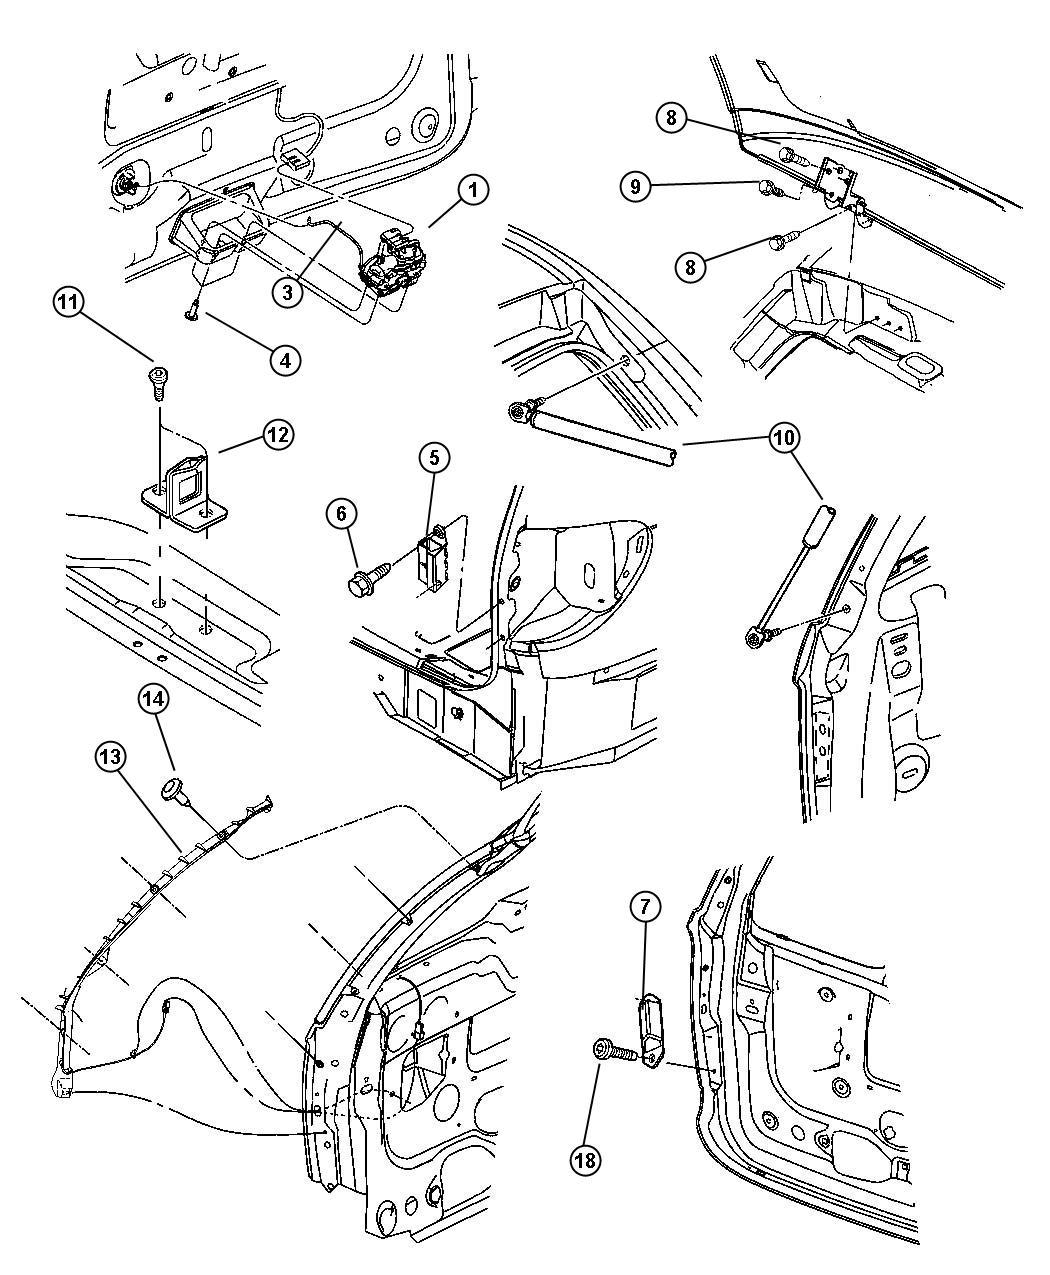 wiring diagram for stereo in 00 dodge dakota